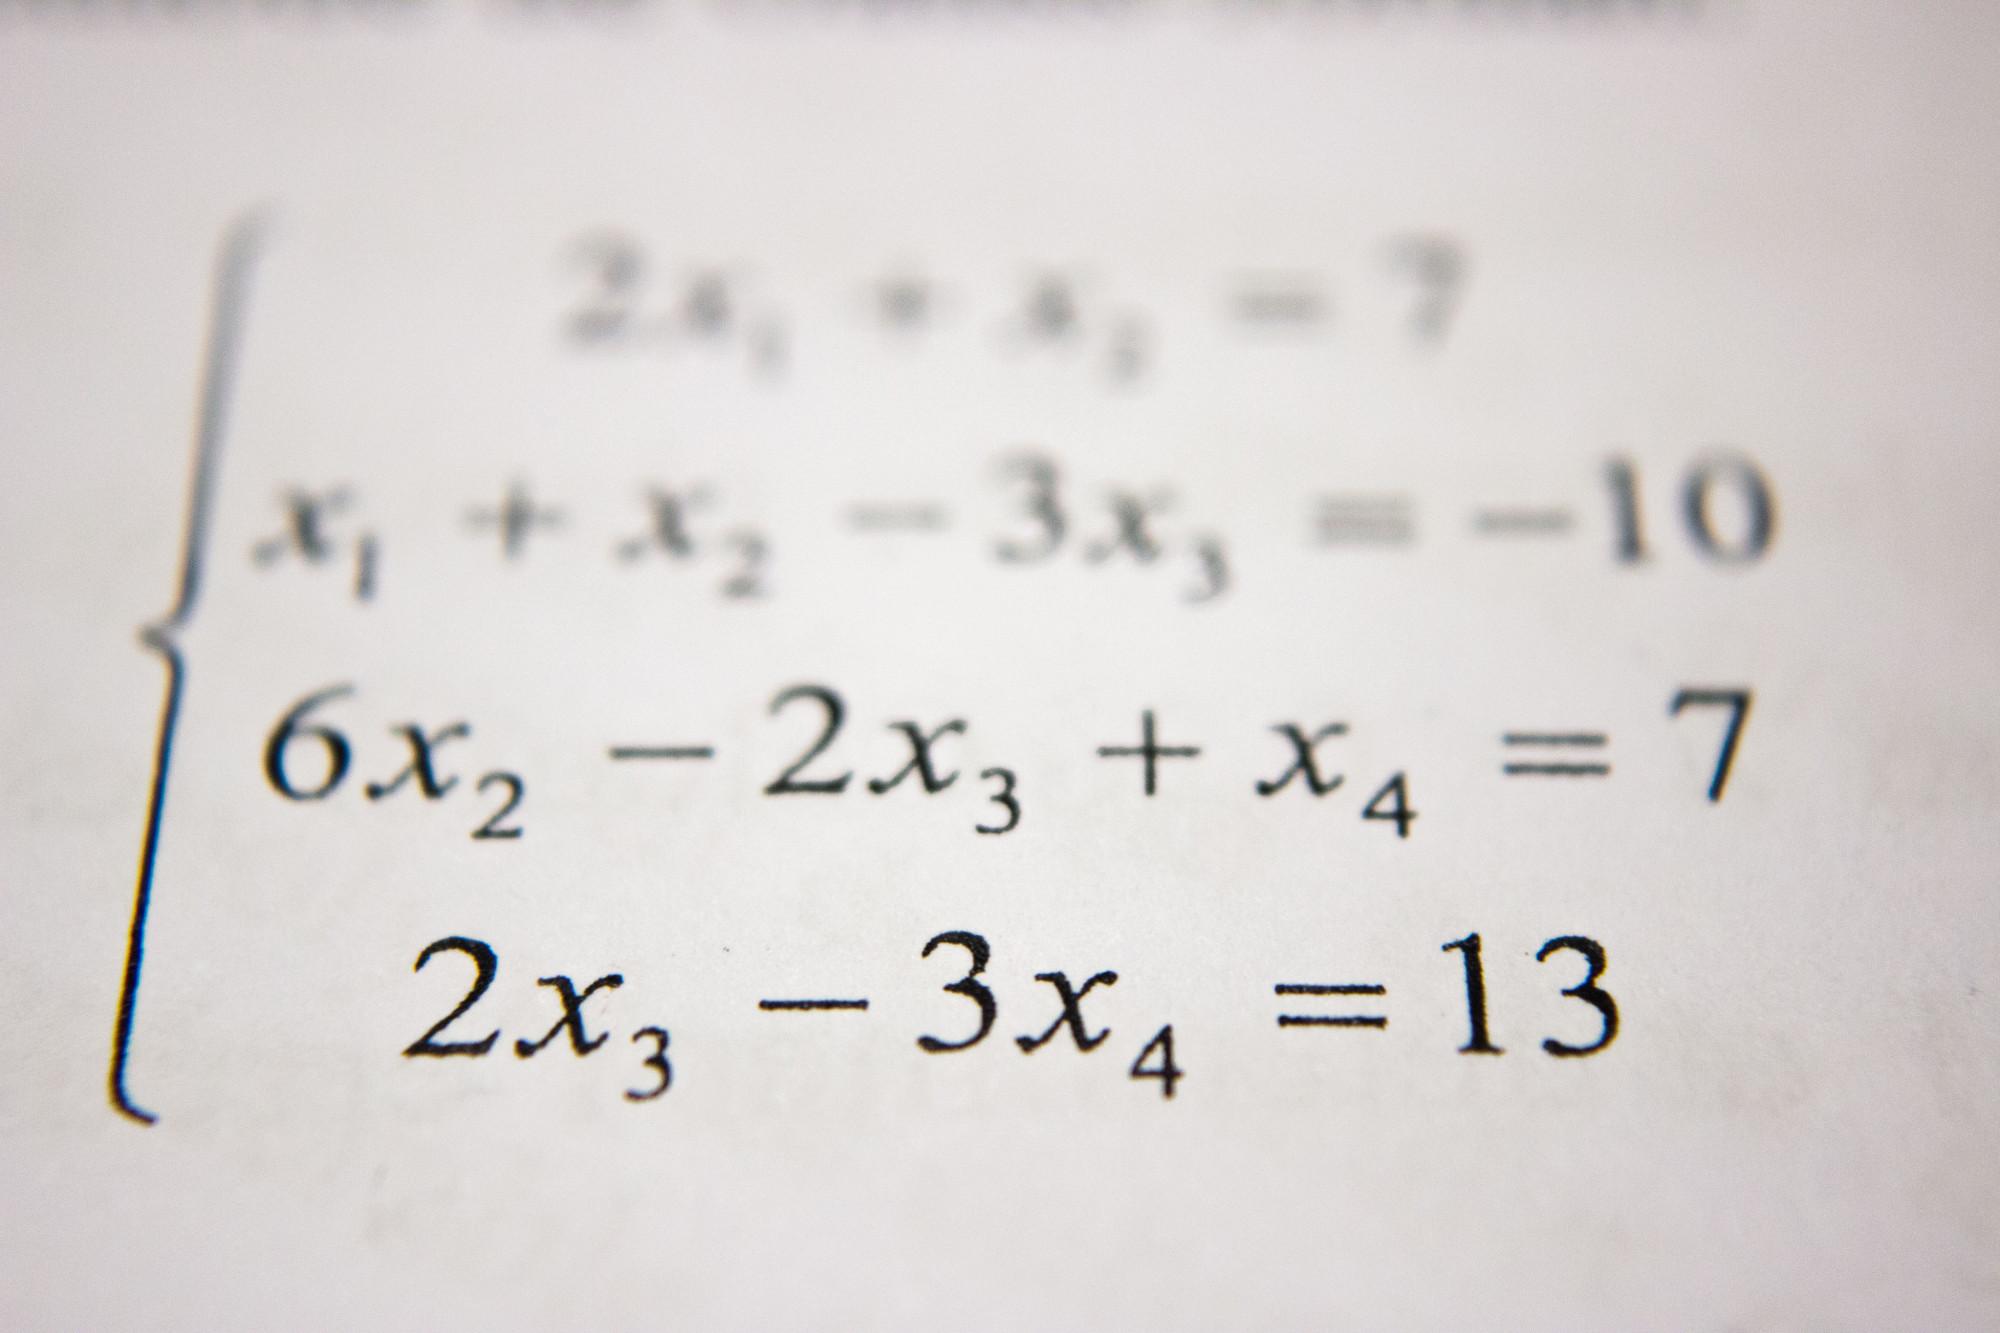 matematik billede